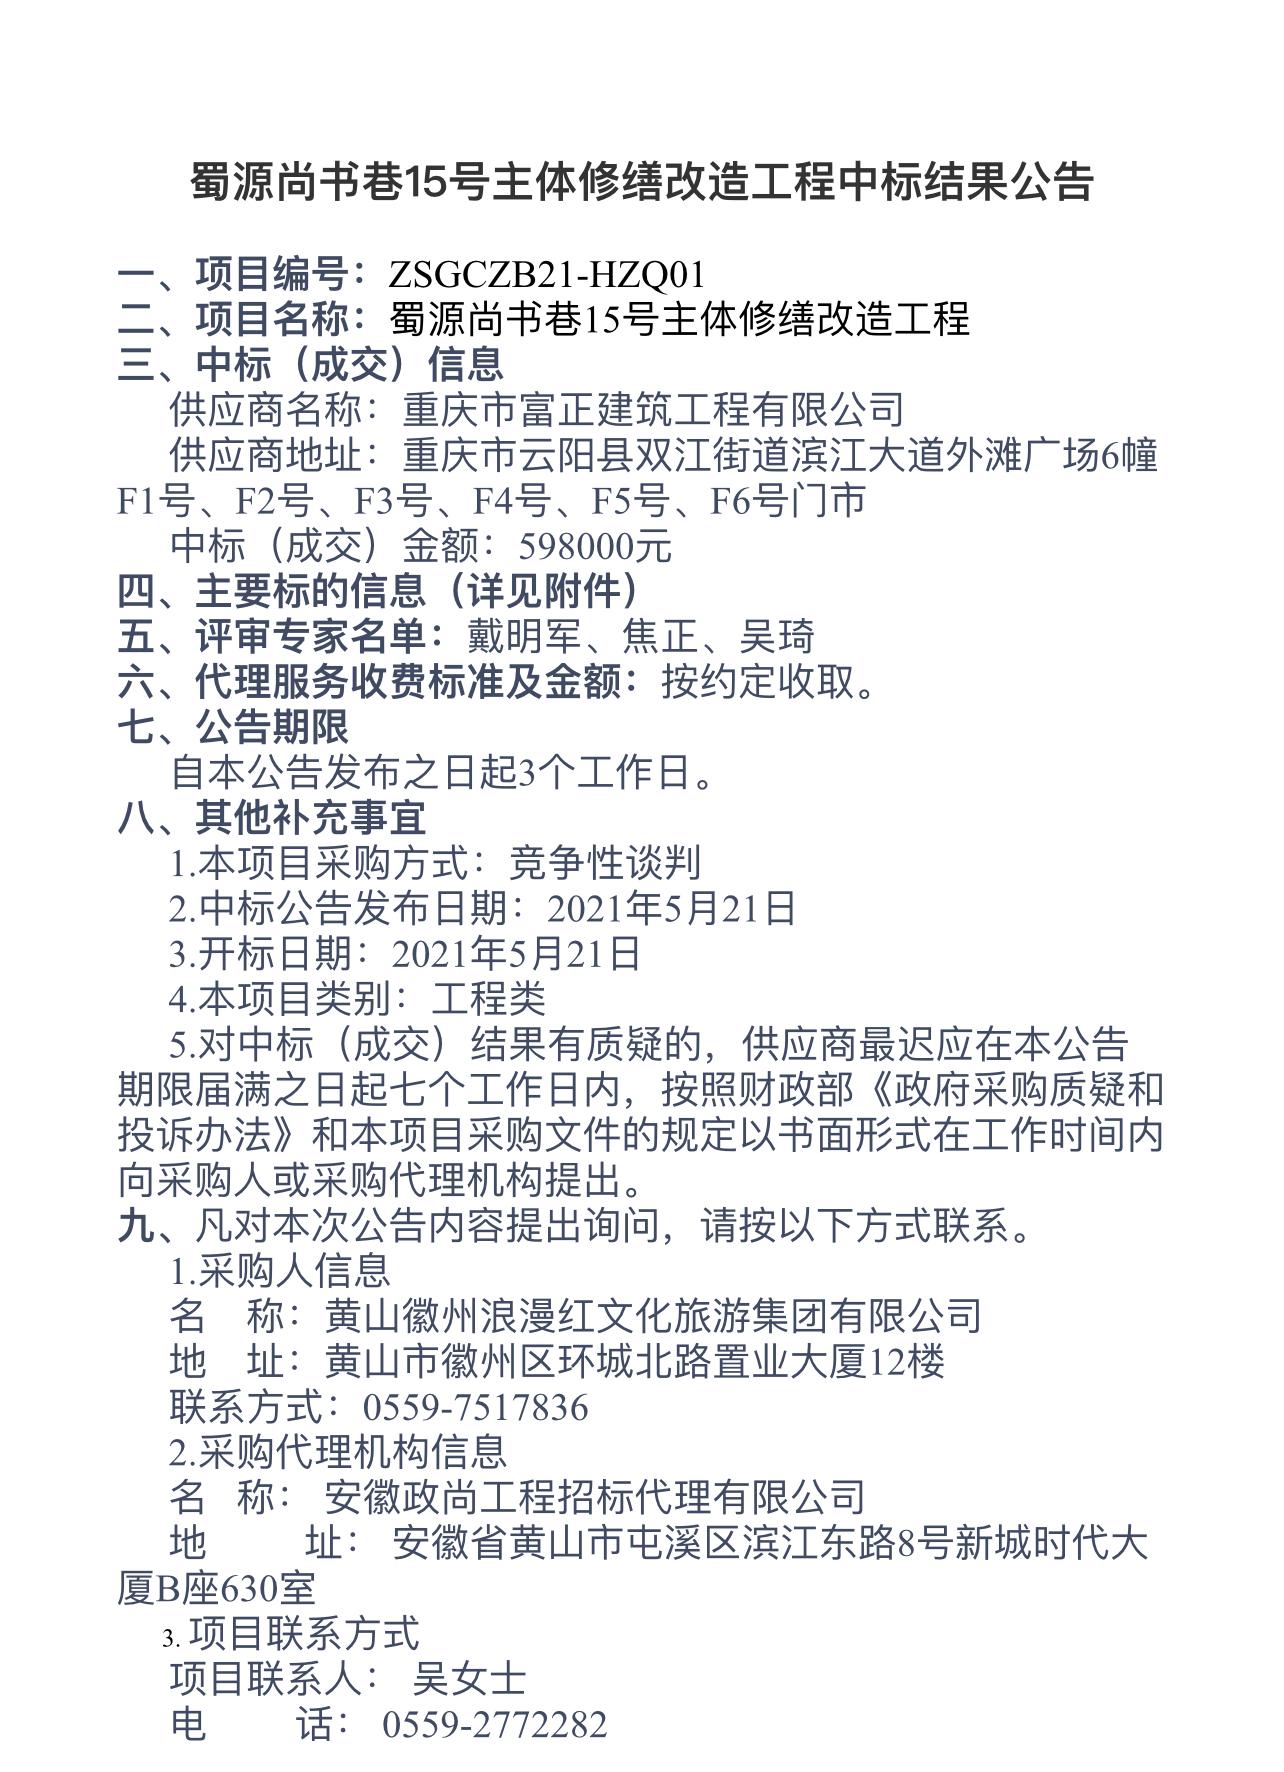 蜀源尚书巷15号主体修缮改造工程中标结果公告